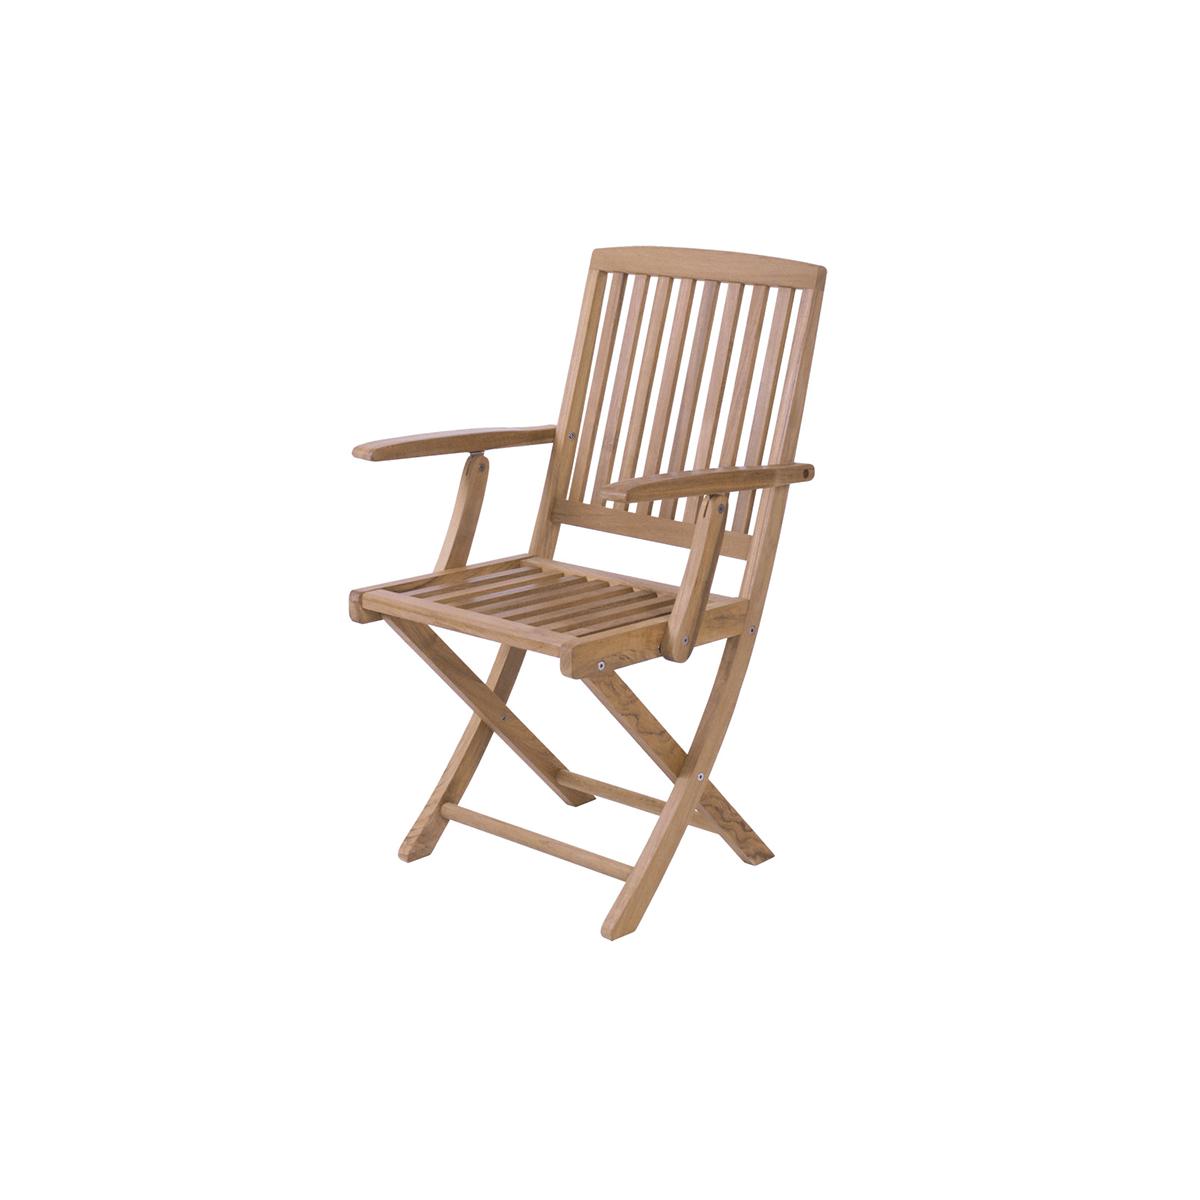 teakholz klappstuhl sunny. Black Bedroom Furniture Sets. Home Design Ideas